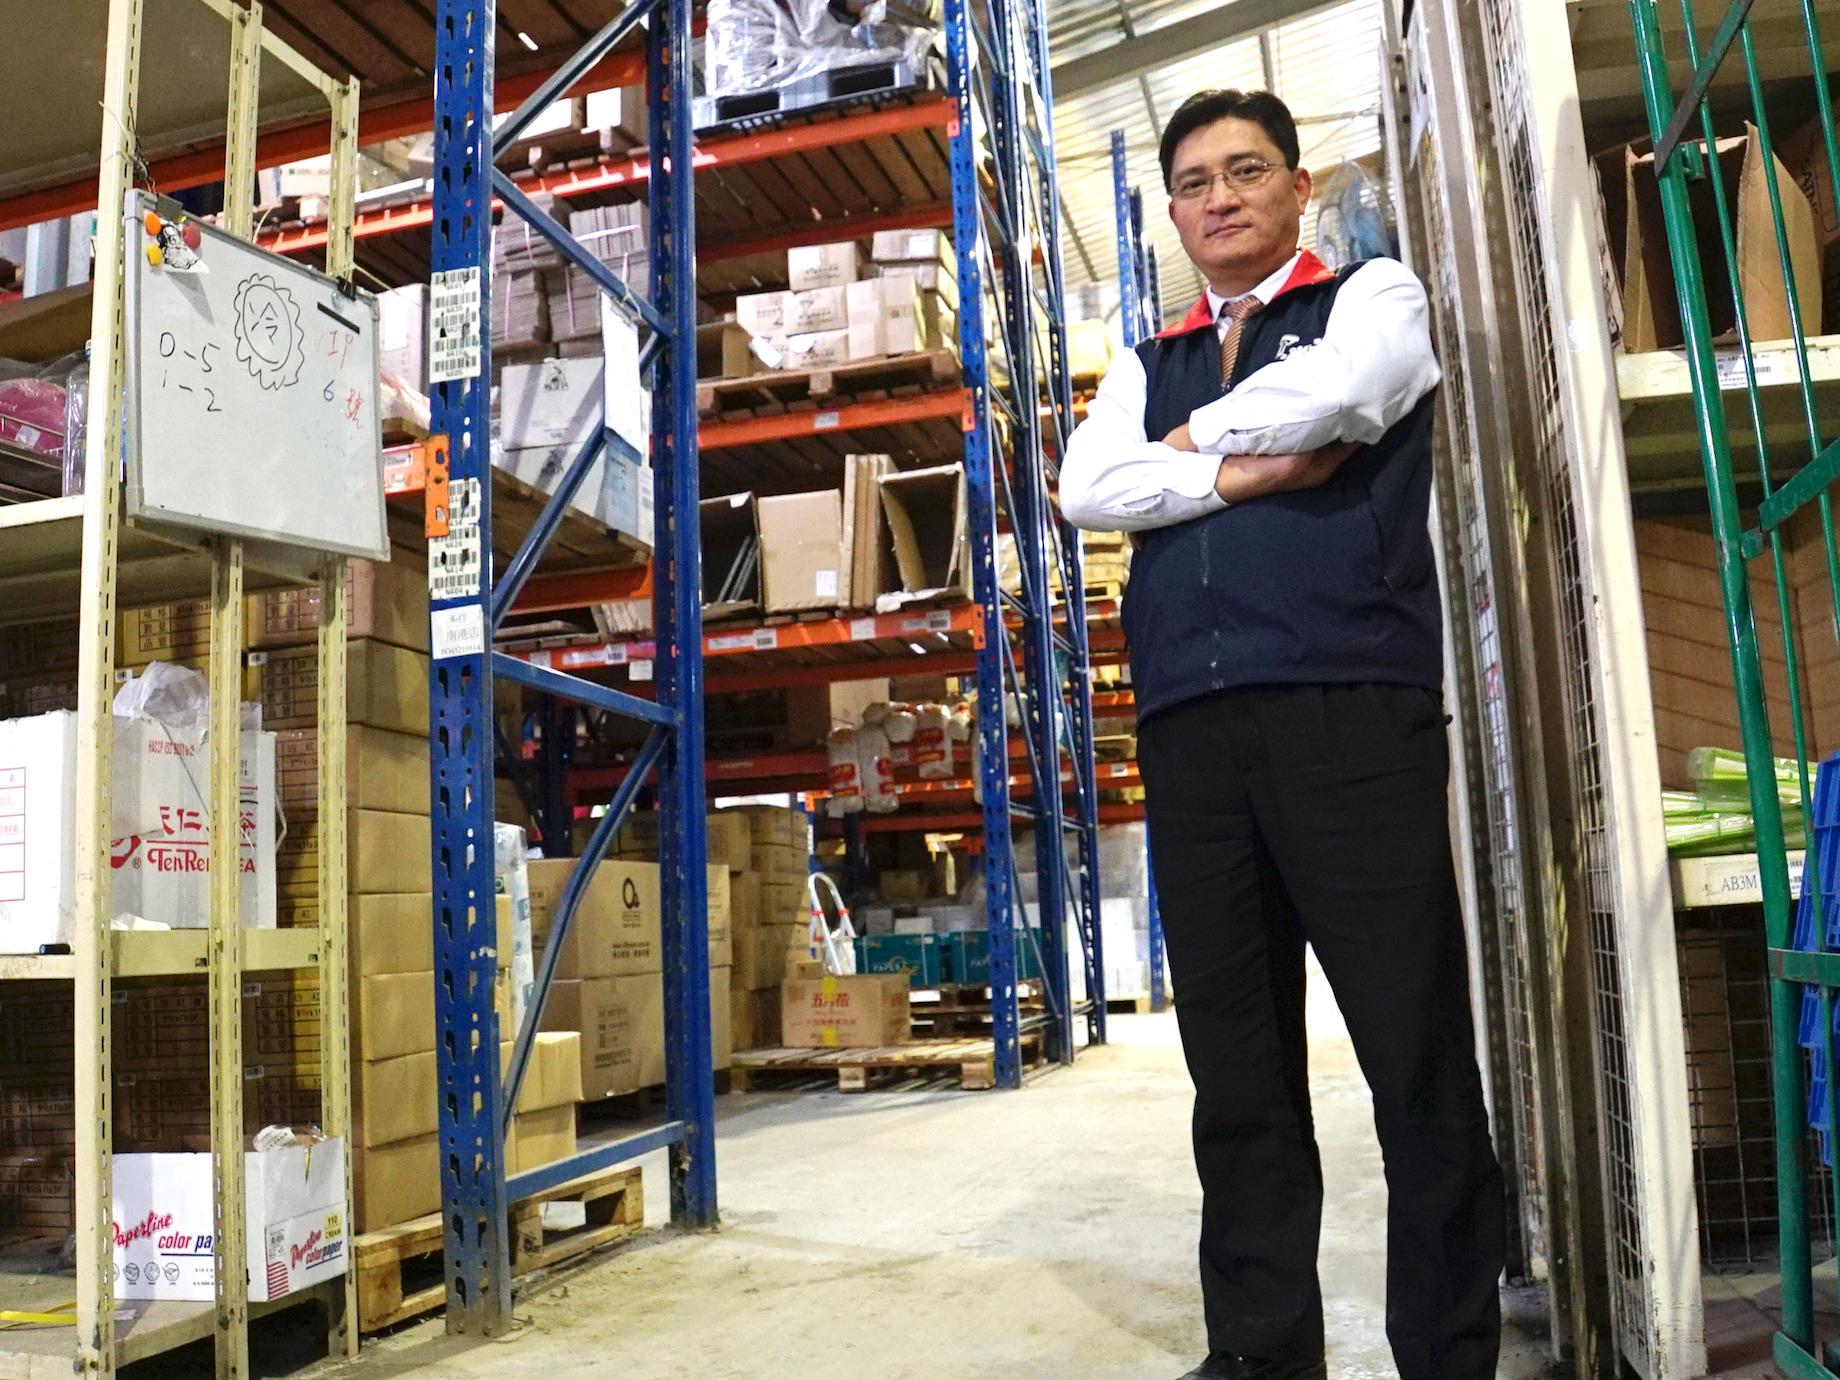 SmartM電子商務學院》總務倉庫全台24小時快速到貨,經營物流中心的4大訣竅